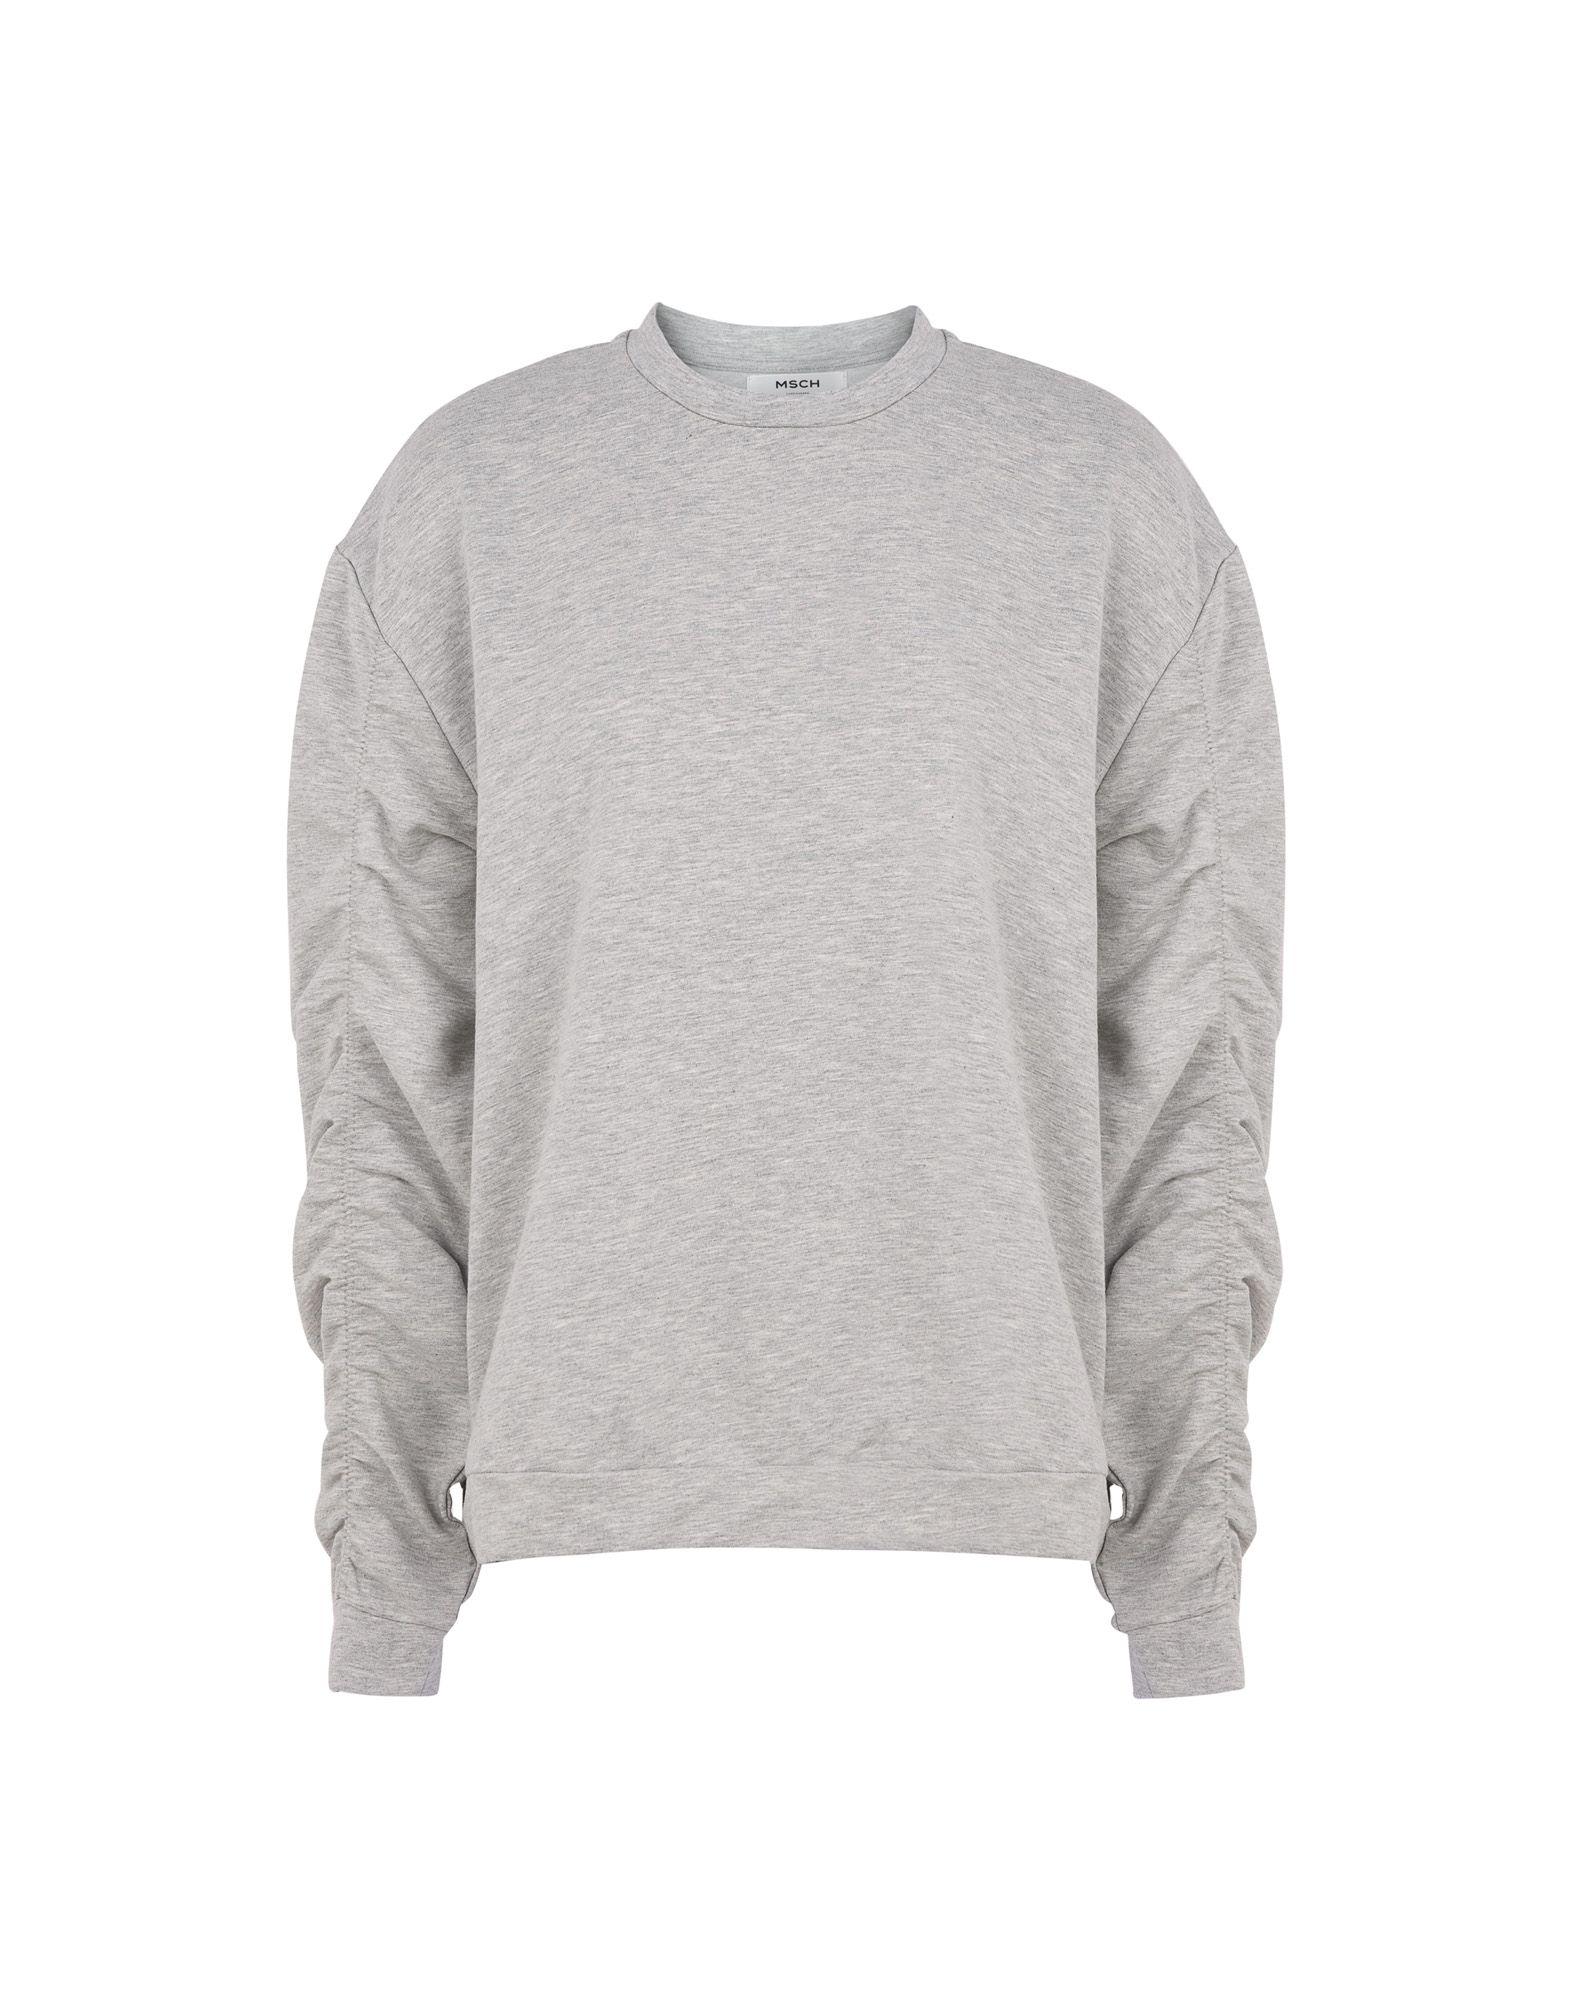 《送料無料》MOSS COPENHAGEN レディース スウェットシャツ ライトグレー M ポリエステル 55% / コットン 40% / ポリウレタン 5% Fifi Tia Sweatshirt